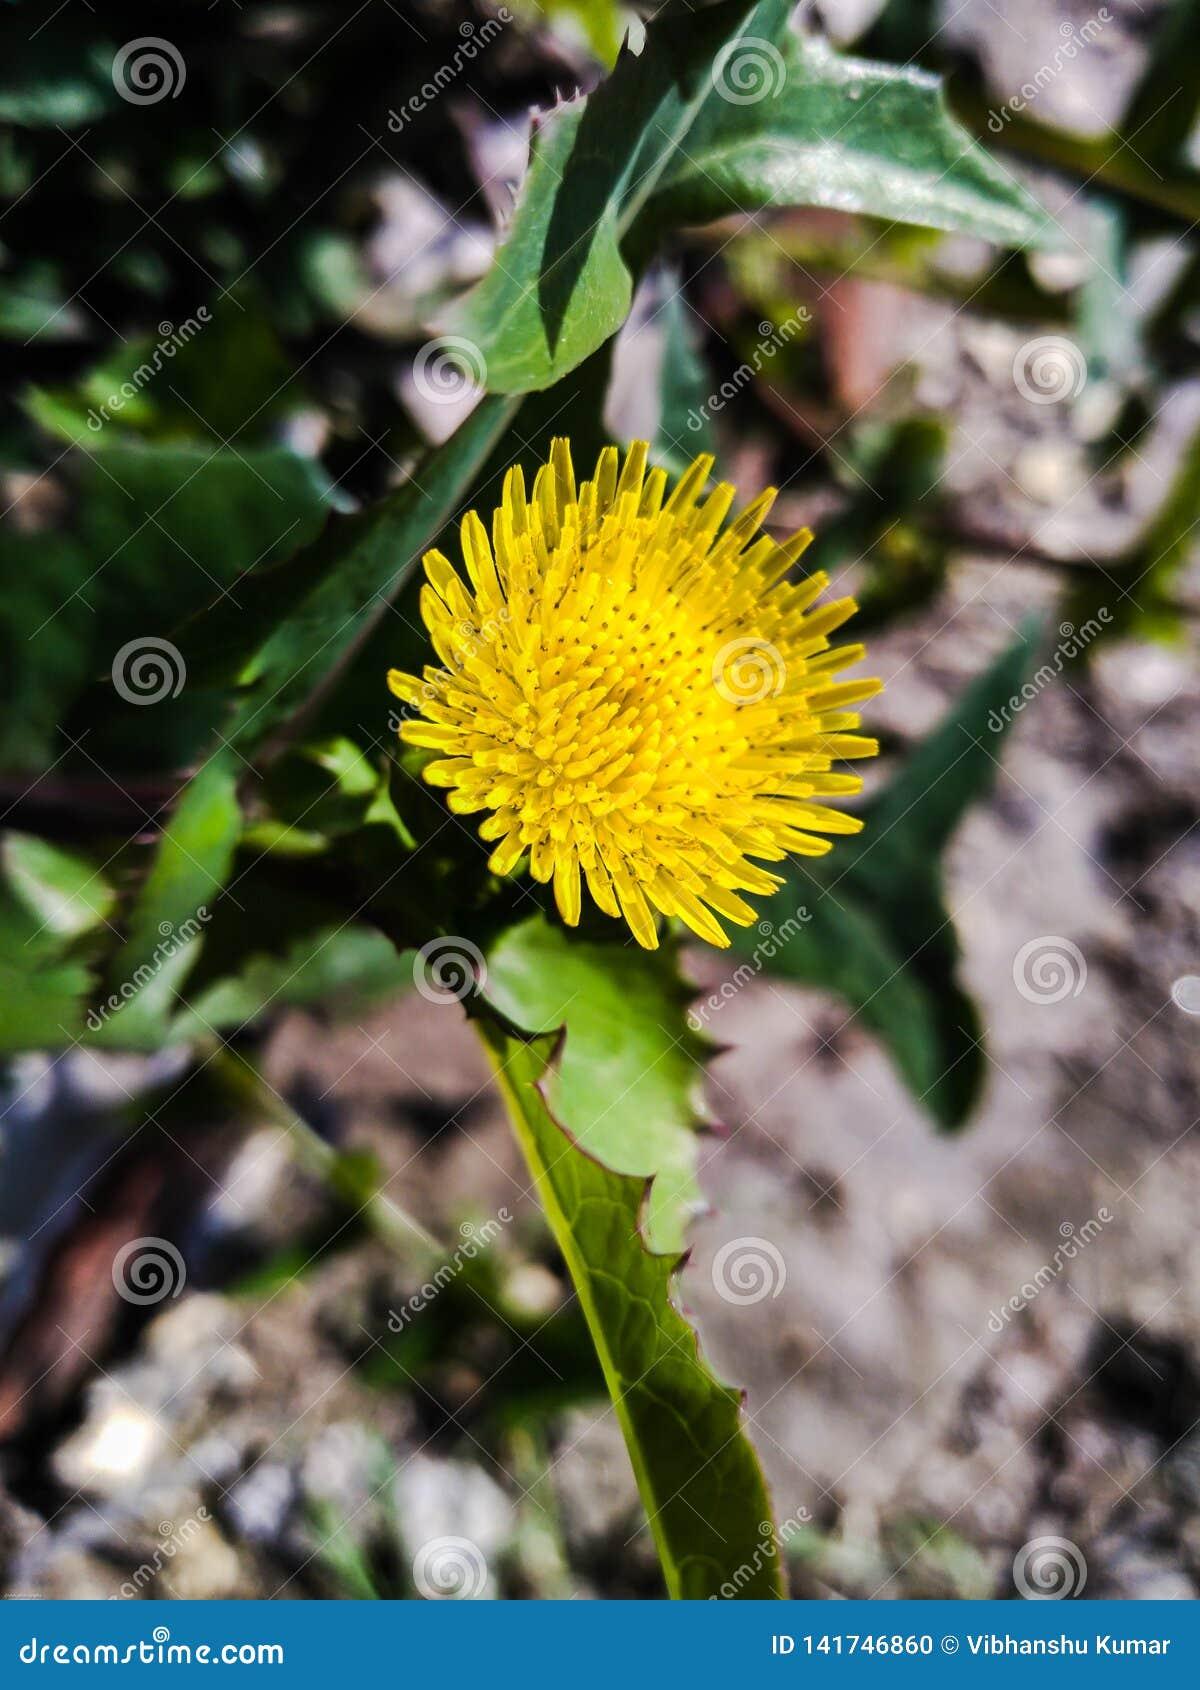 Little Spiny sowthistle flower wallpaper.